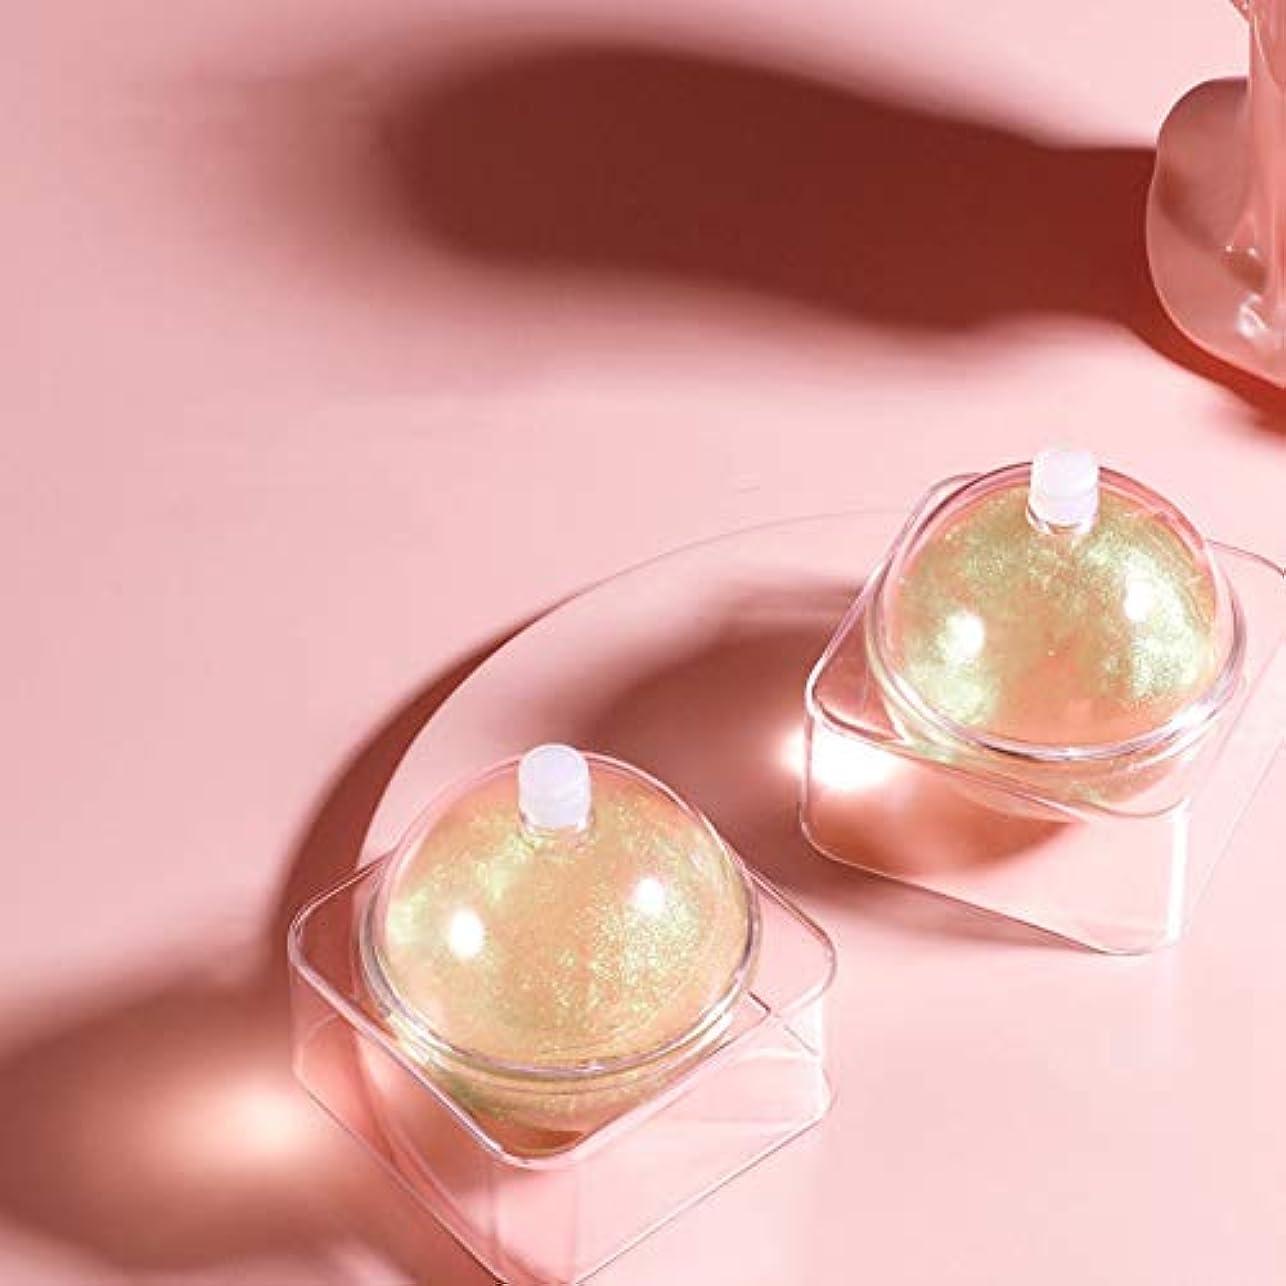 洗顔石鹸 オイルコントロール毛穴収斂 潤い フェイスクレンザー フェイスウォッシュ 製品 Cutelove